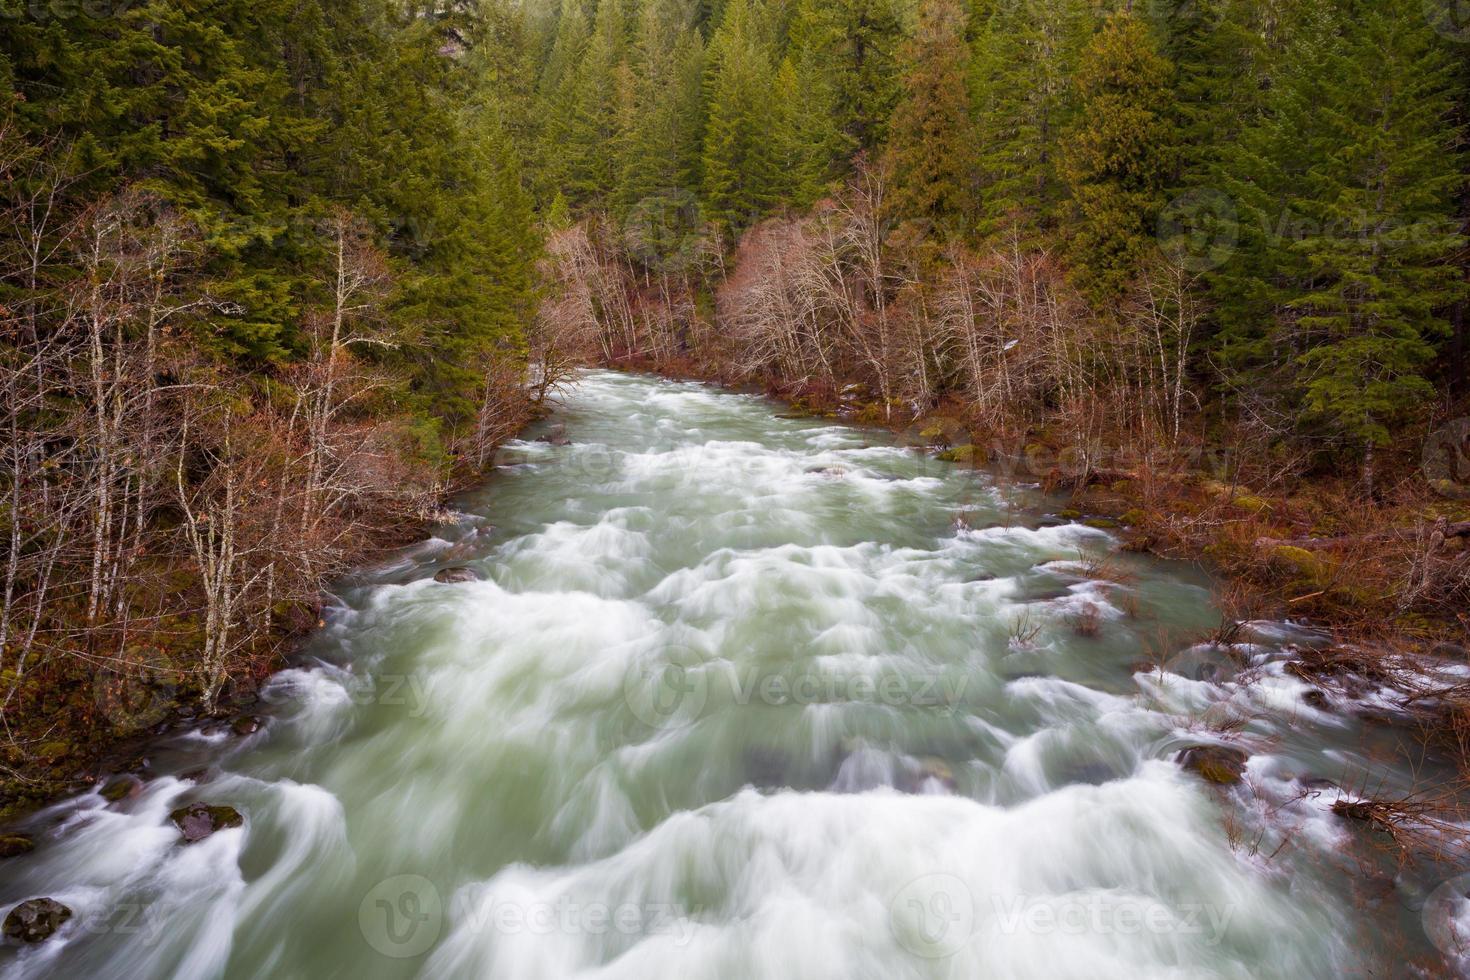 paisaje del río willamette desde arriba foto